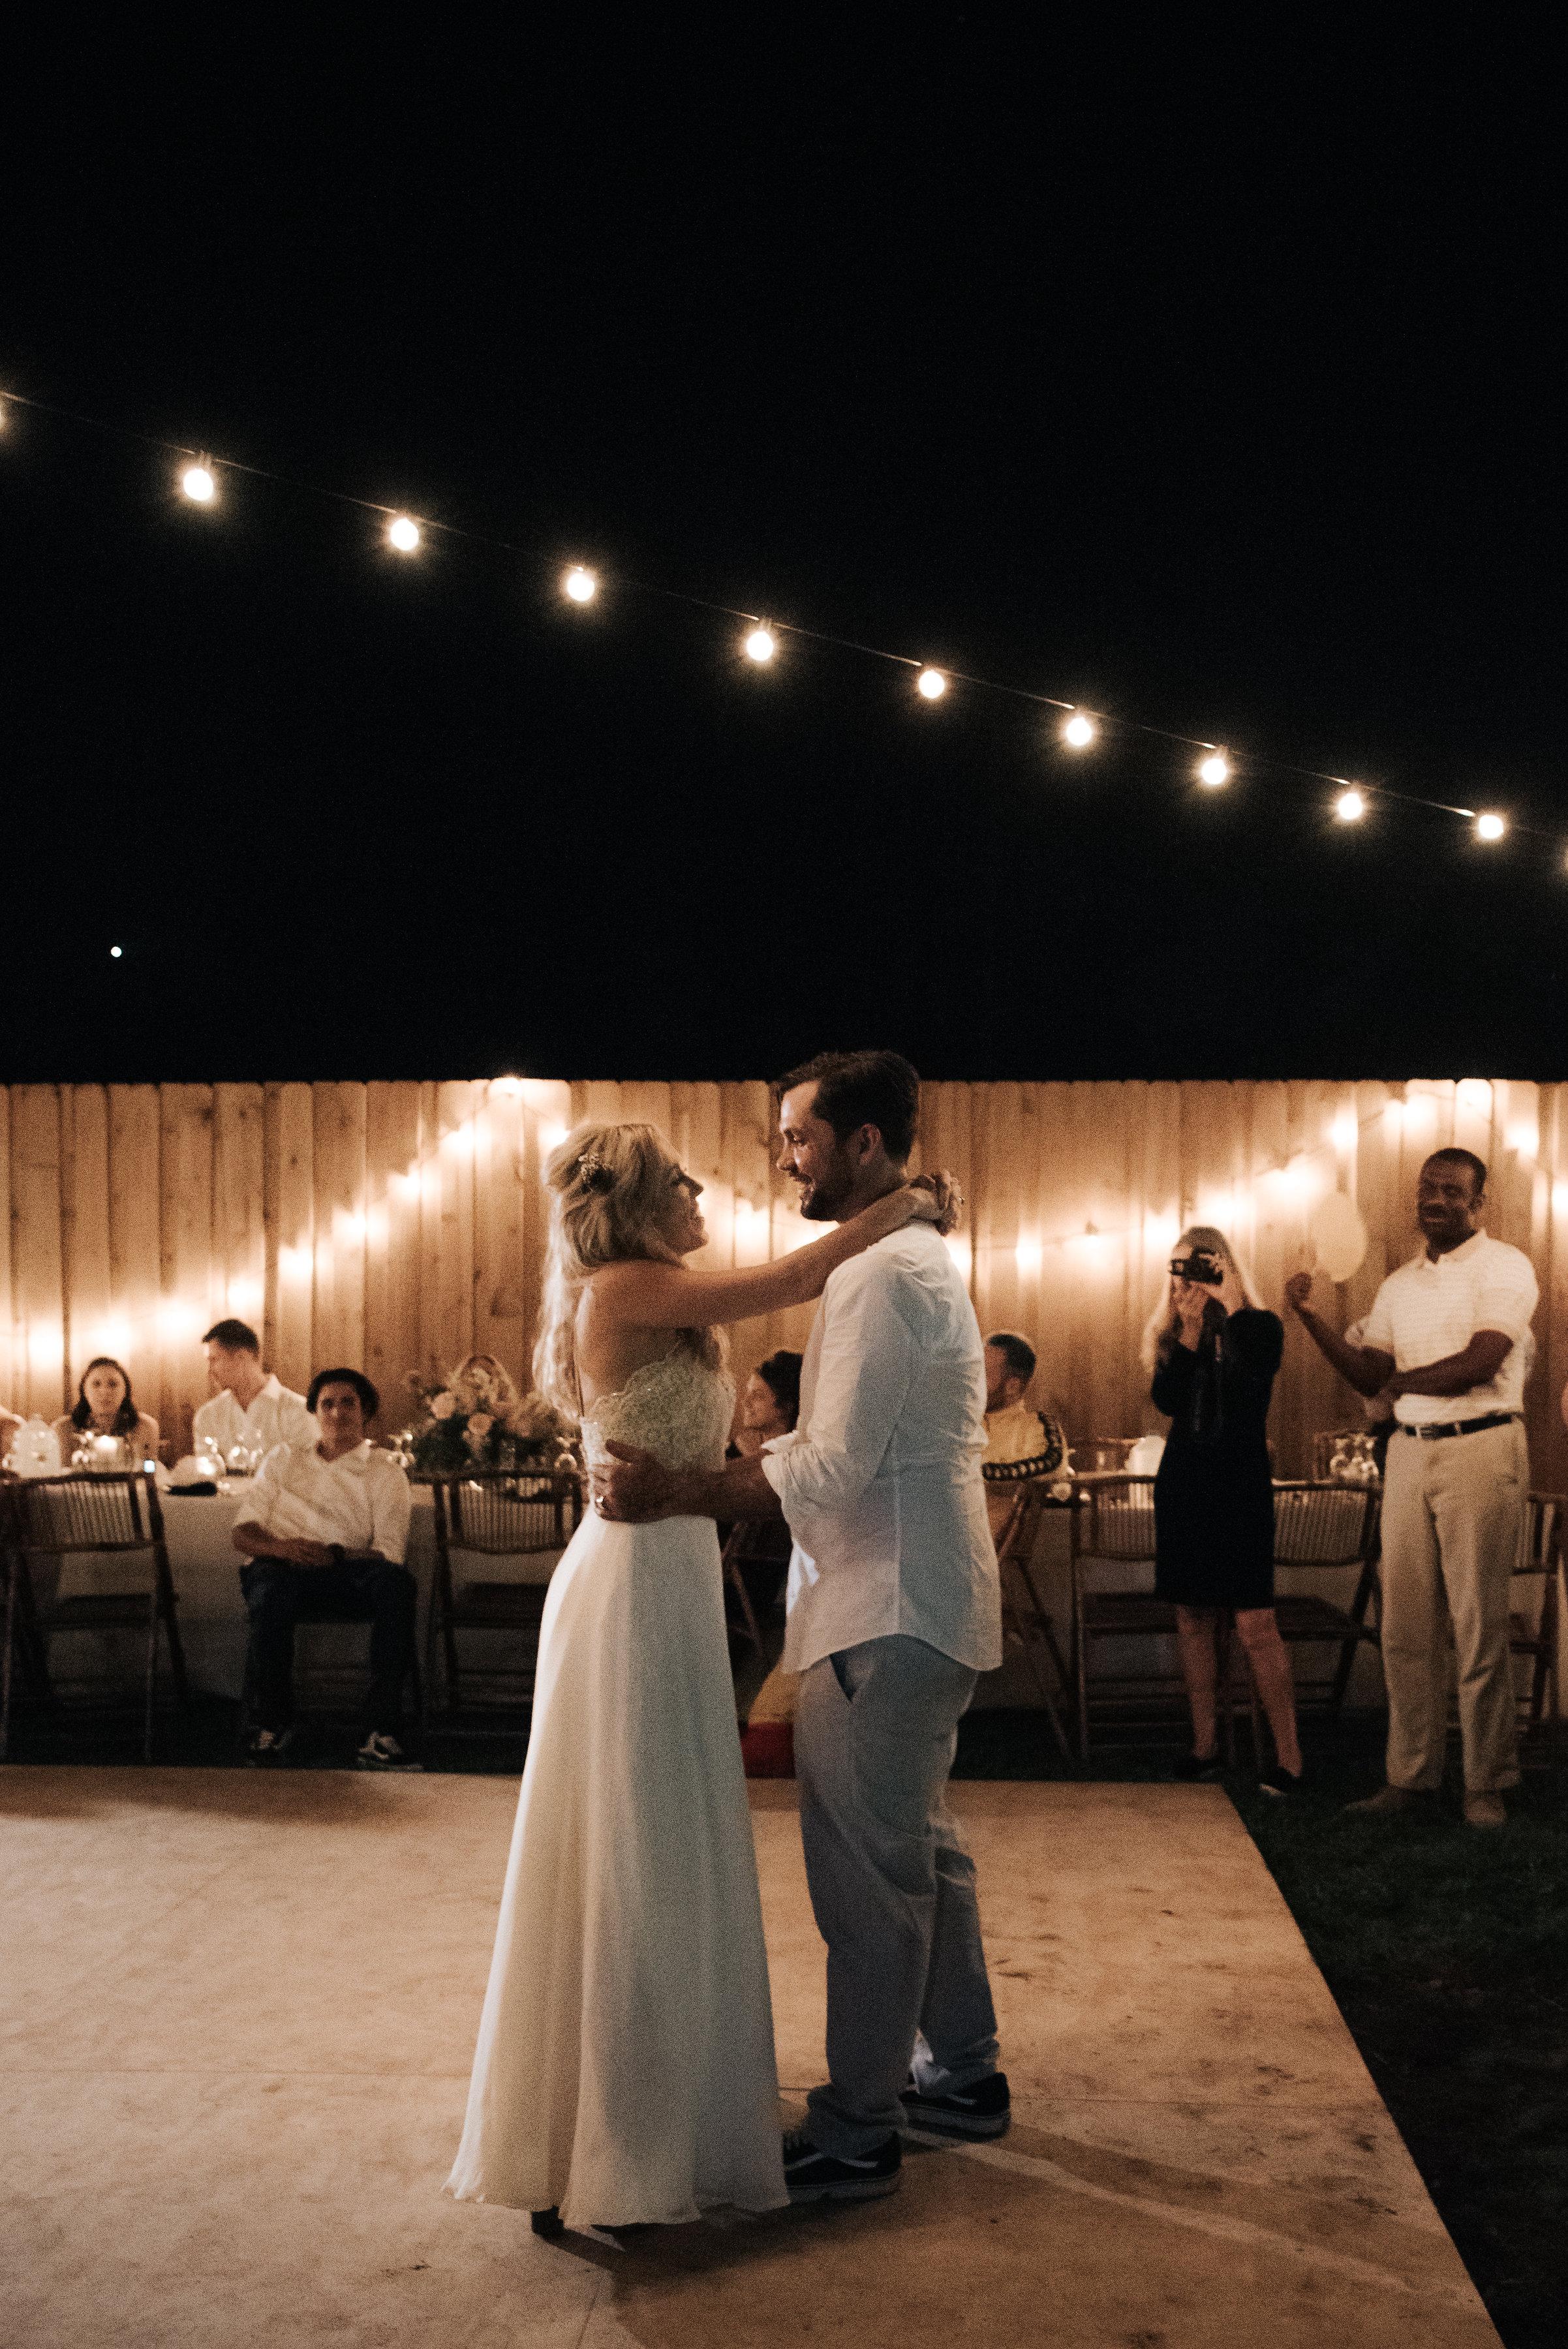 michelle-ronnie-backyard-wedding-865.jpg